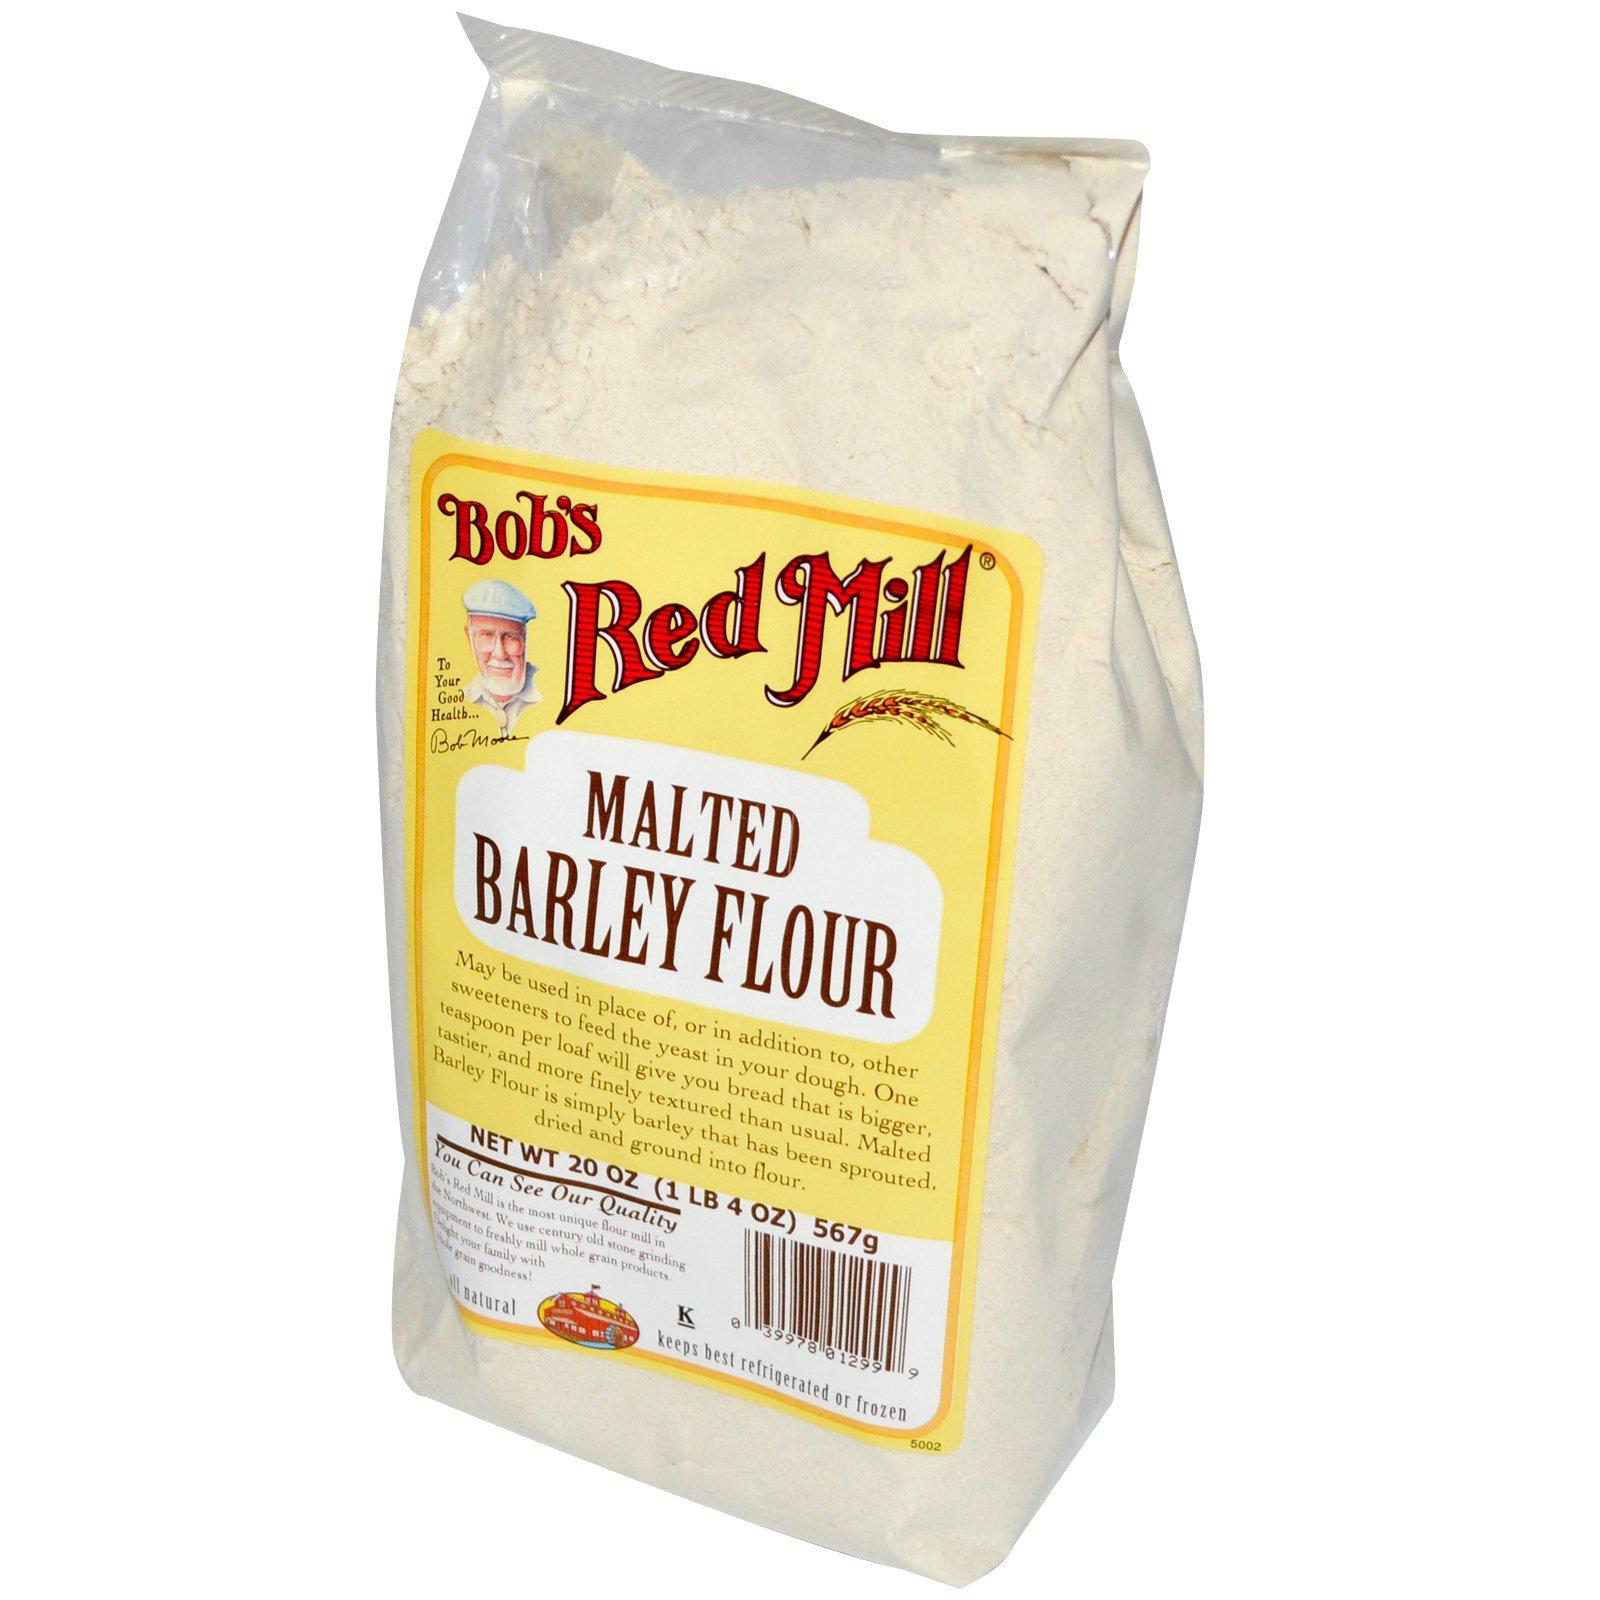 Bob's Red Mill, Malted Barley Flour, 20 oz (567 g) - iHerb.com